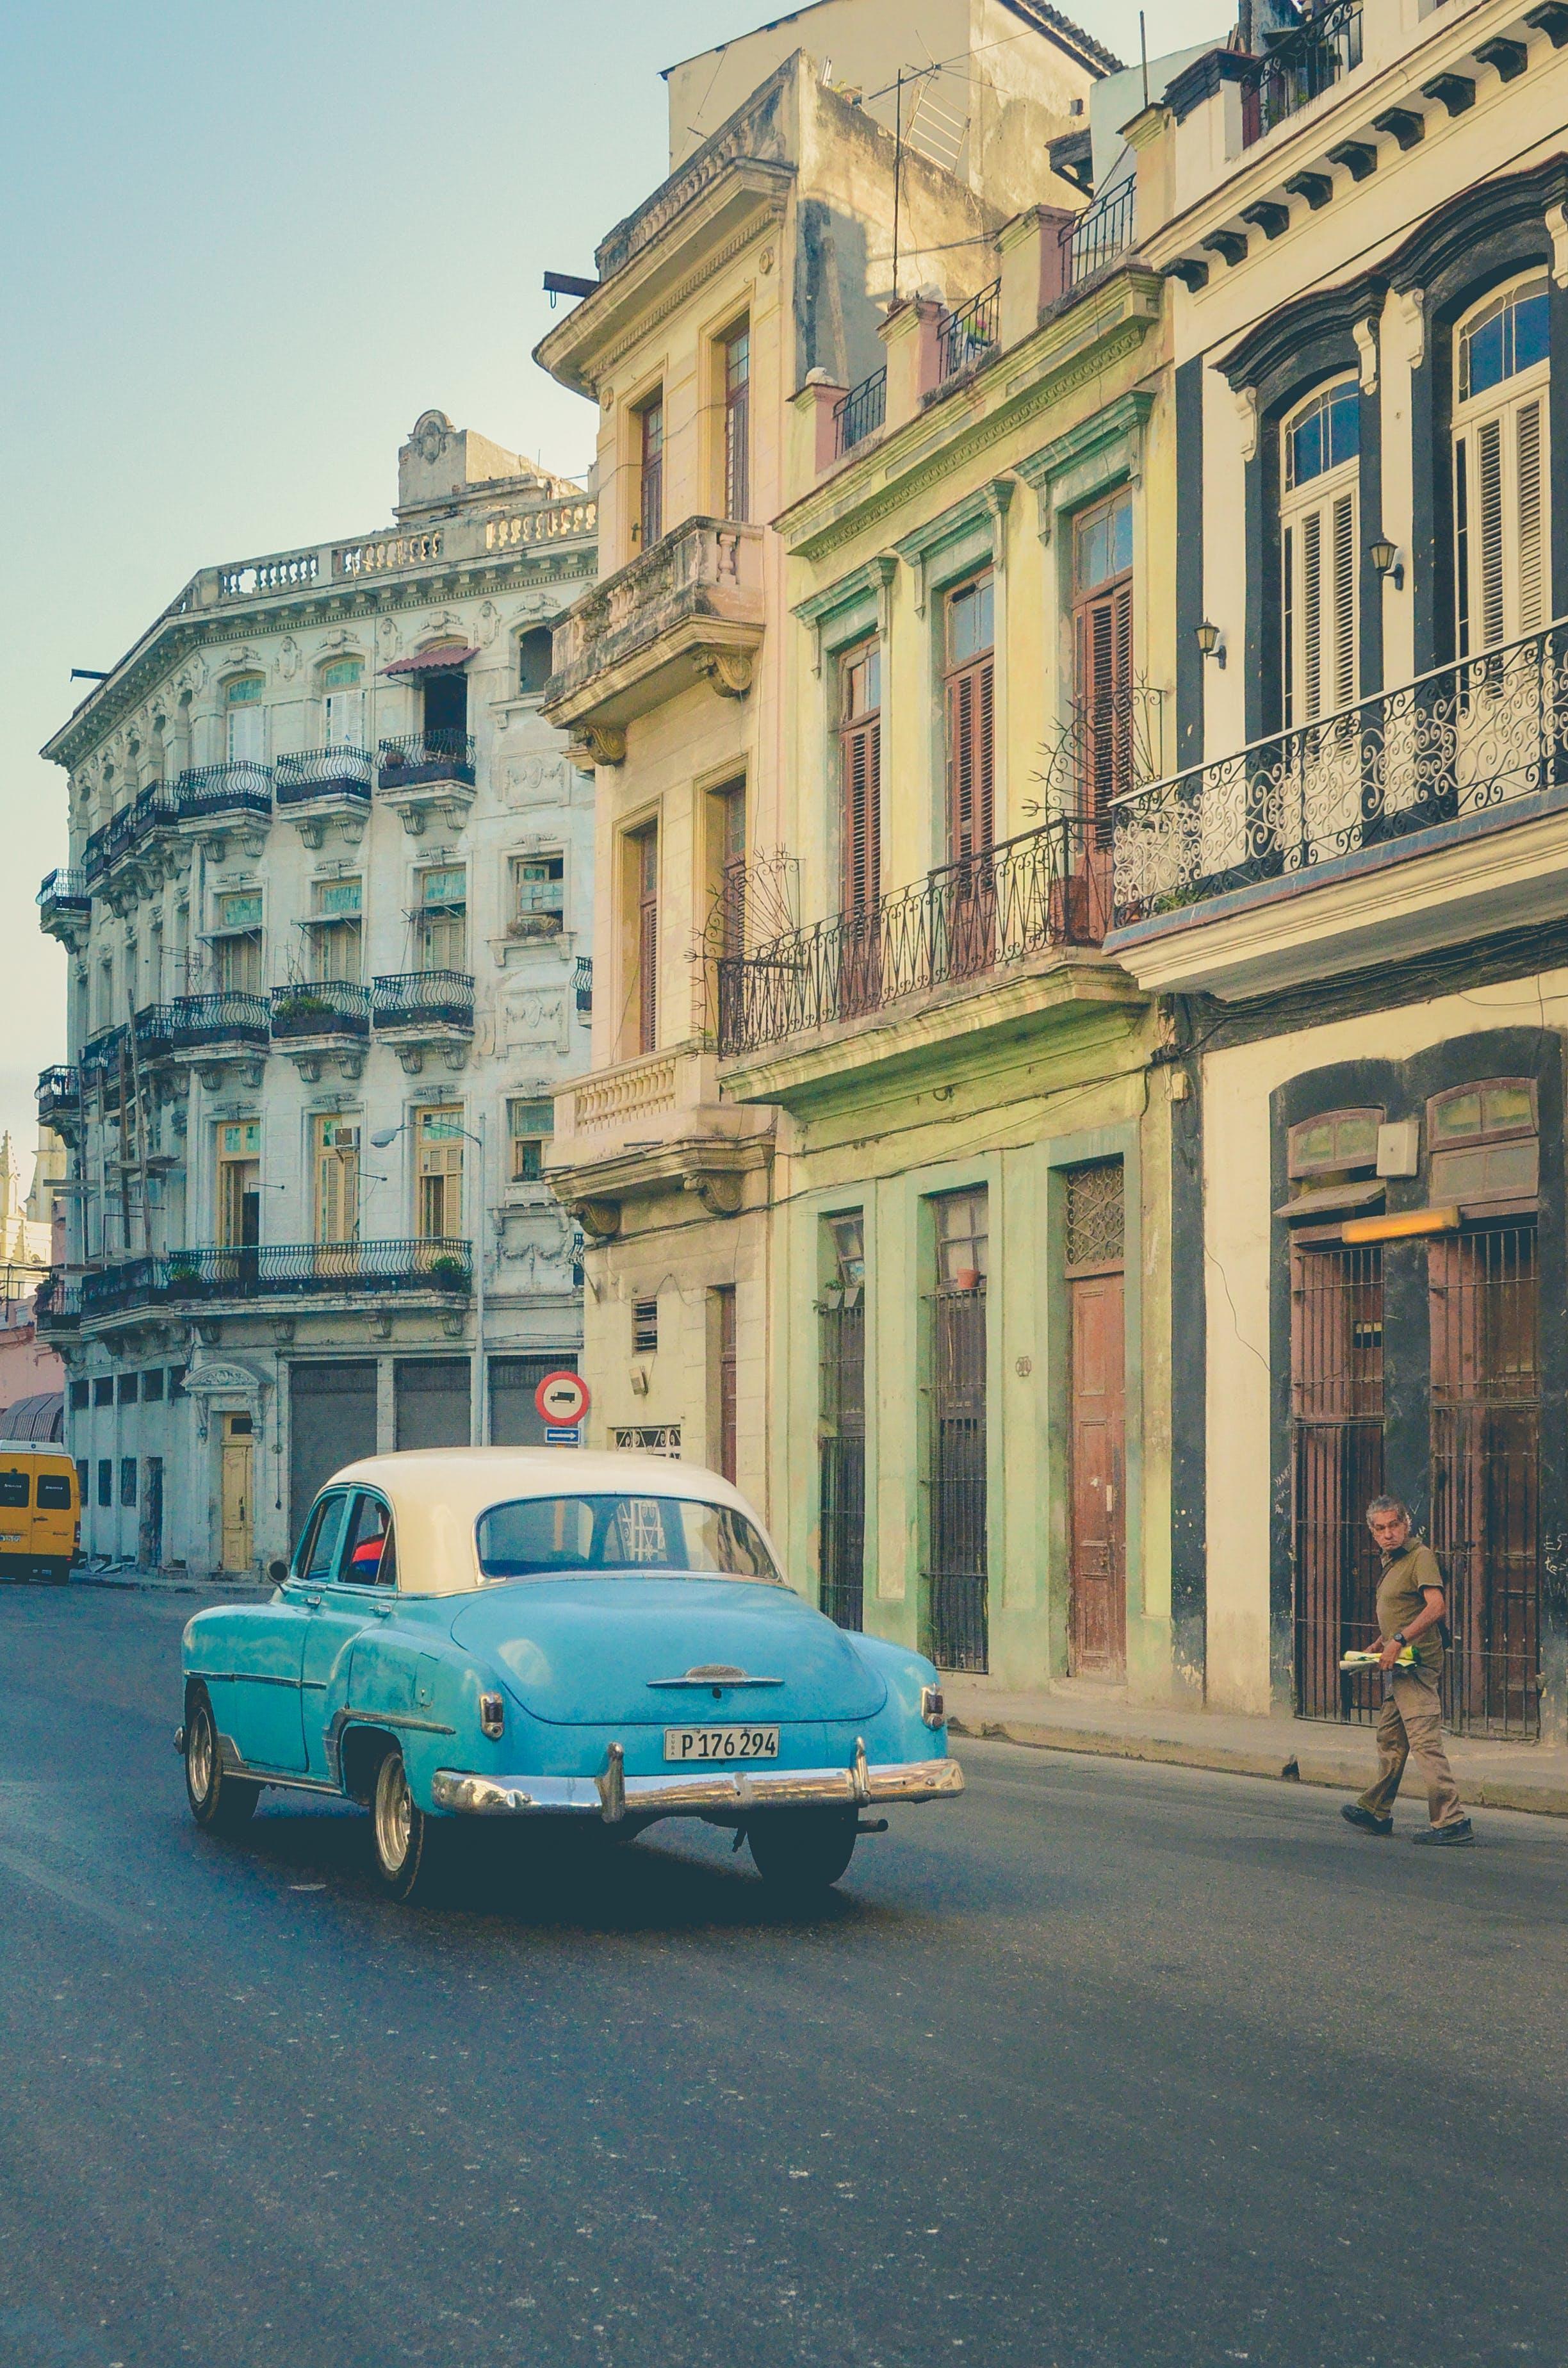 Gratis stockfoto met auto, Cuba, gebouw, havanna